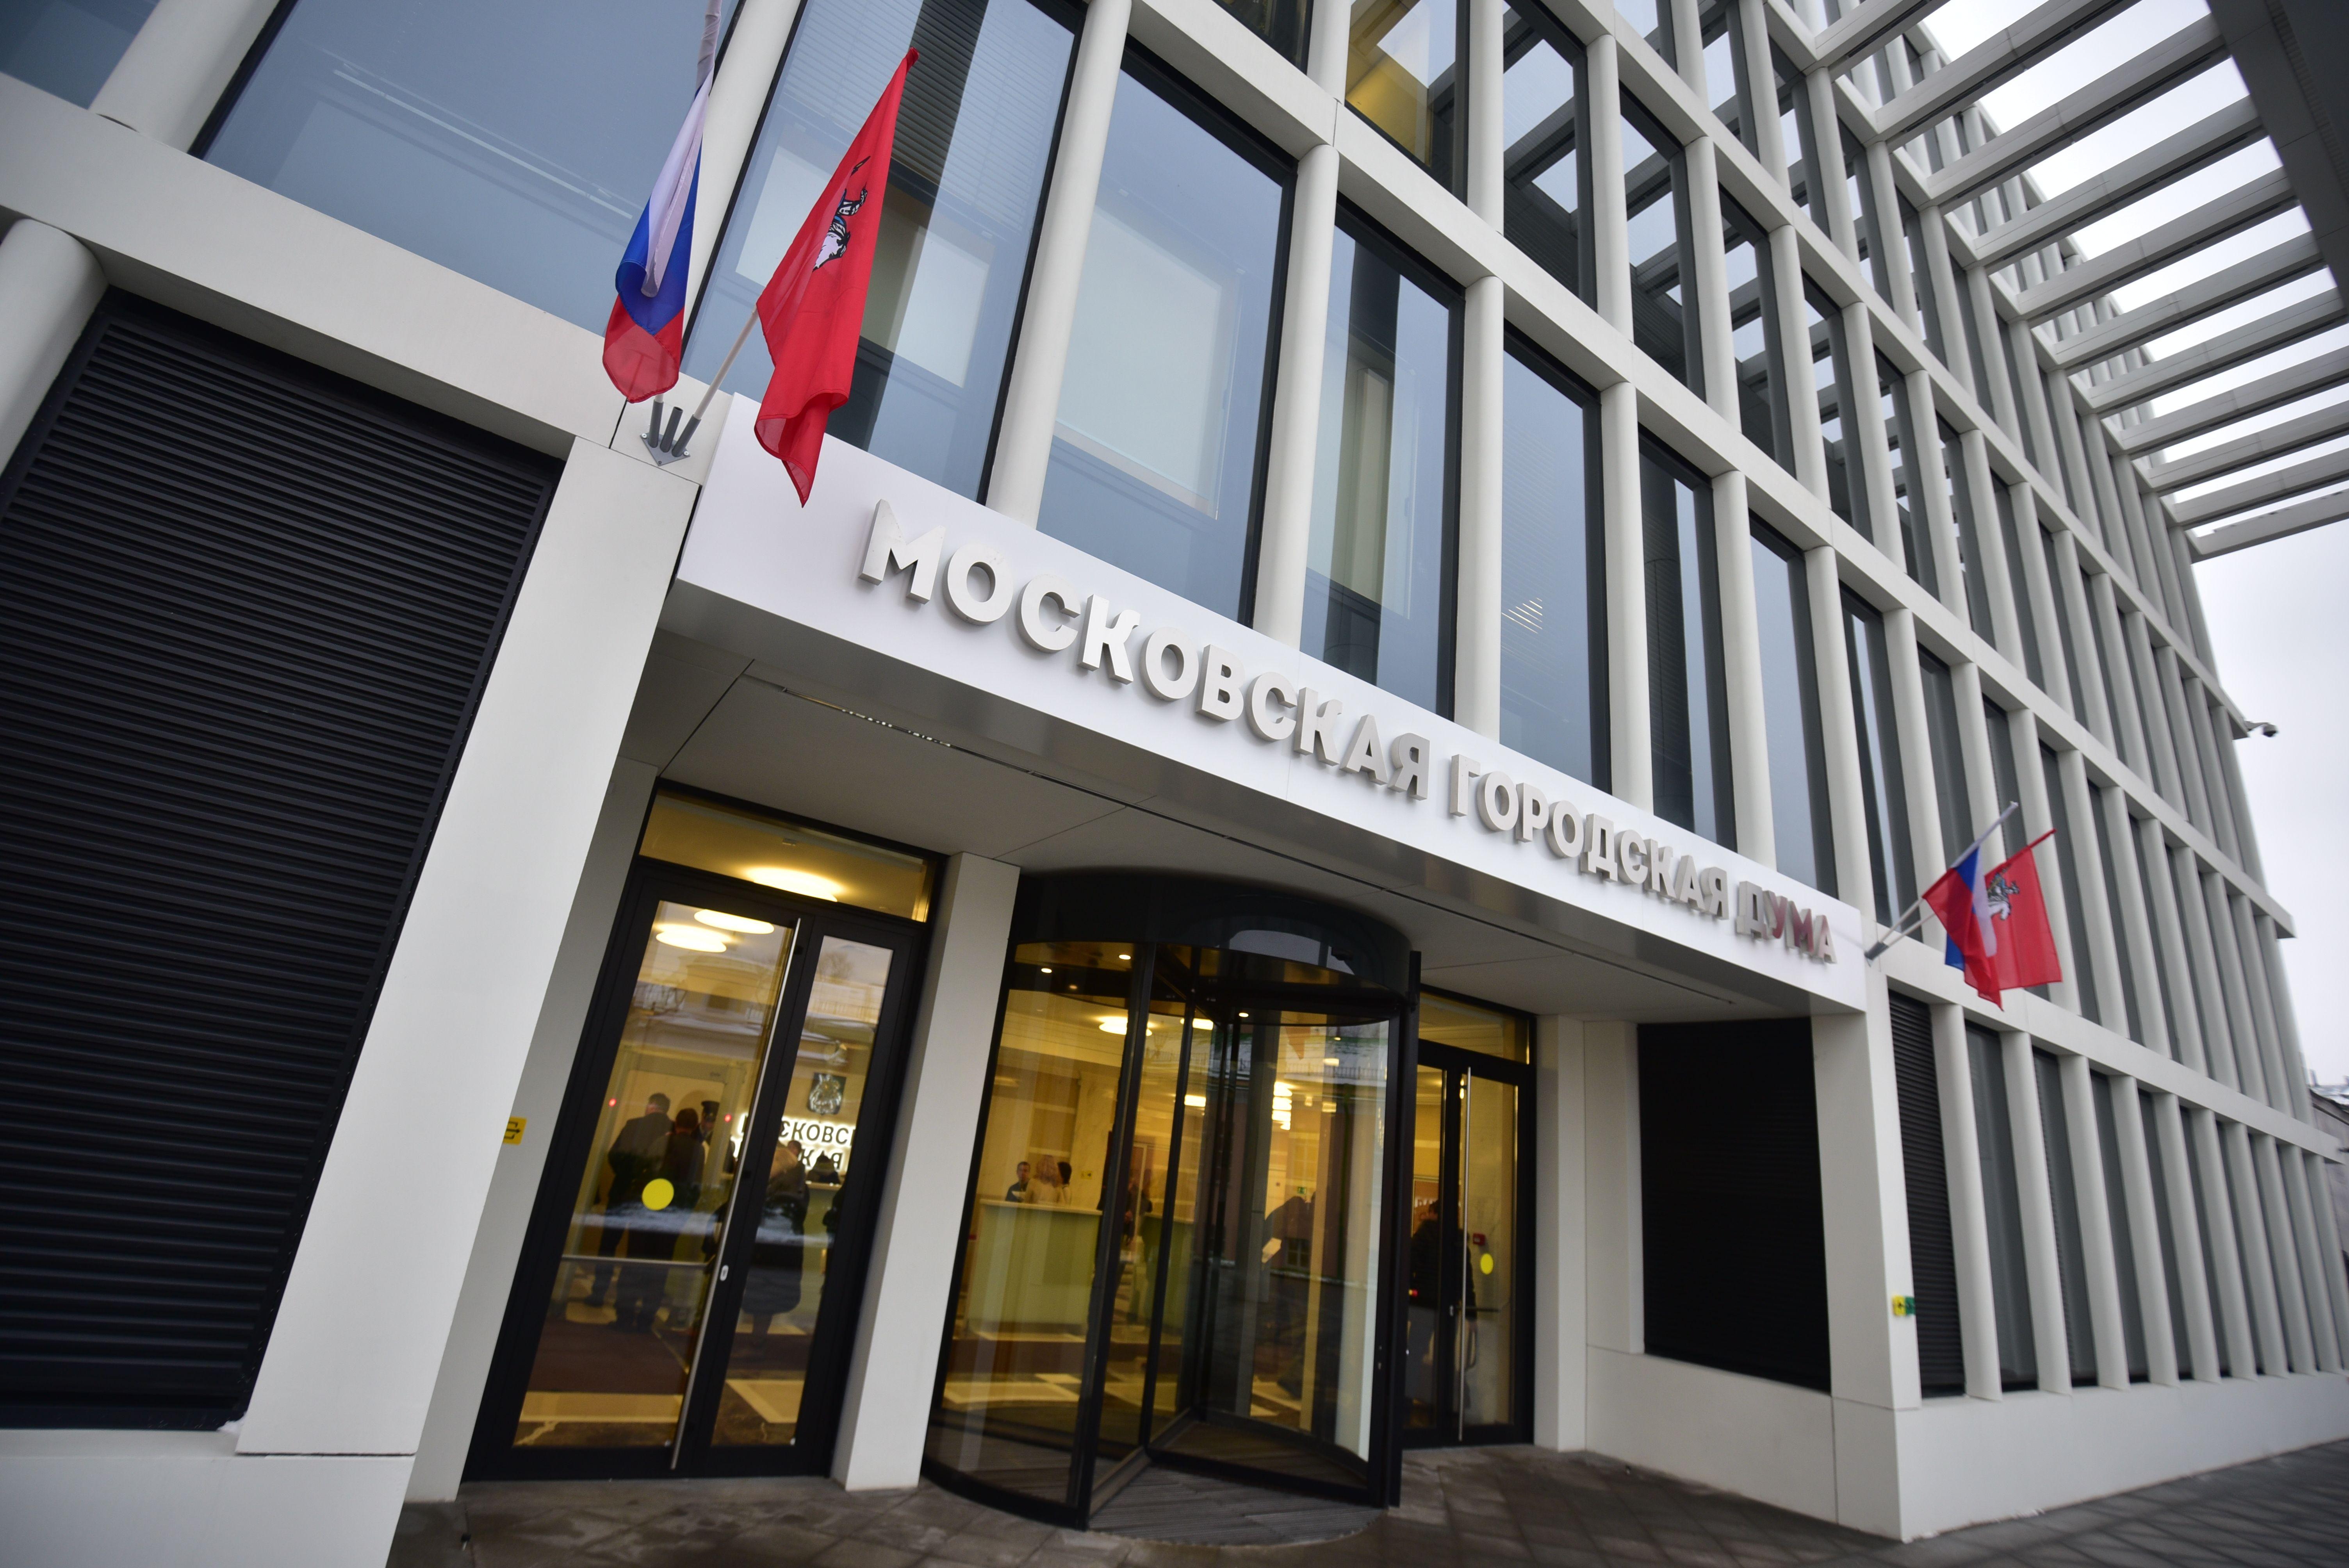 Депутат МГД Головченко: Бизнес может возместить 50% затрат на рекламу в сети за счет городских субсидий